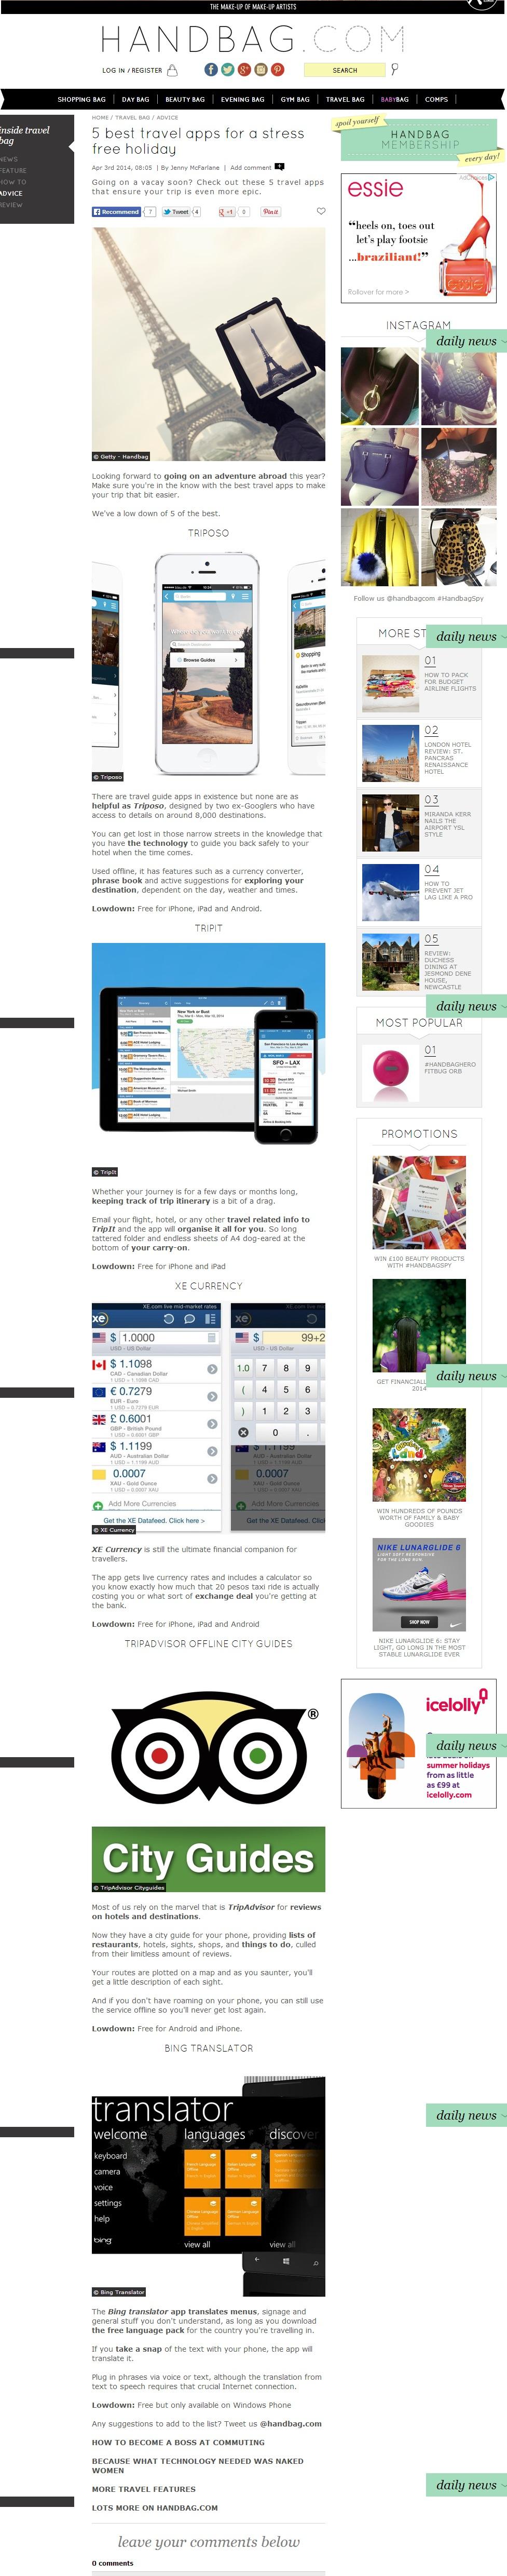 screencapture-www-handbag-com-travel-bag-advice-a561921-5-best-travel-apps-for-a-stress-free-holiday-html